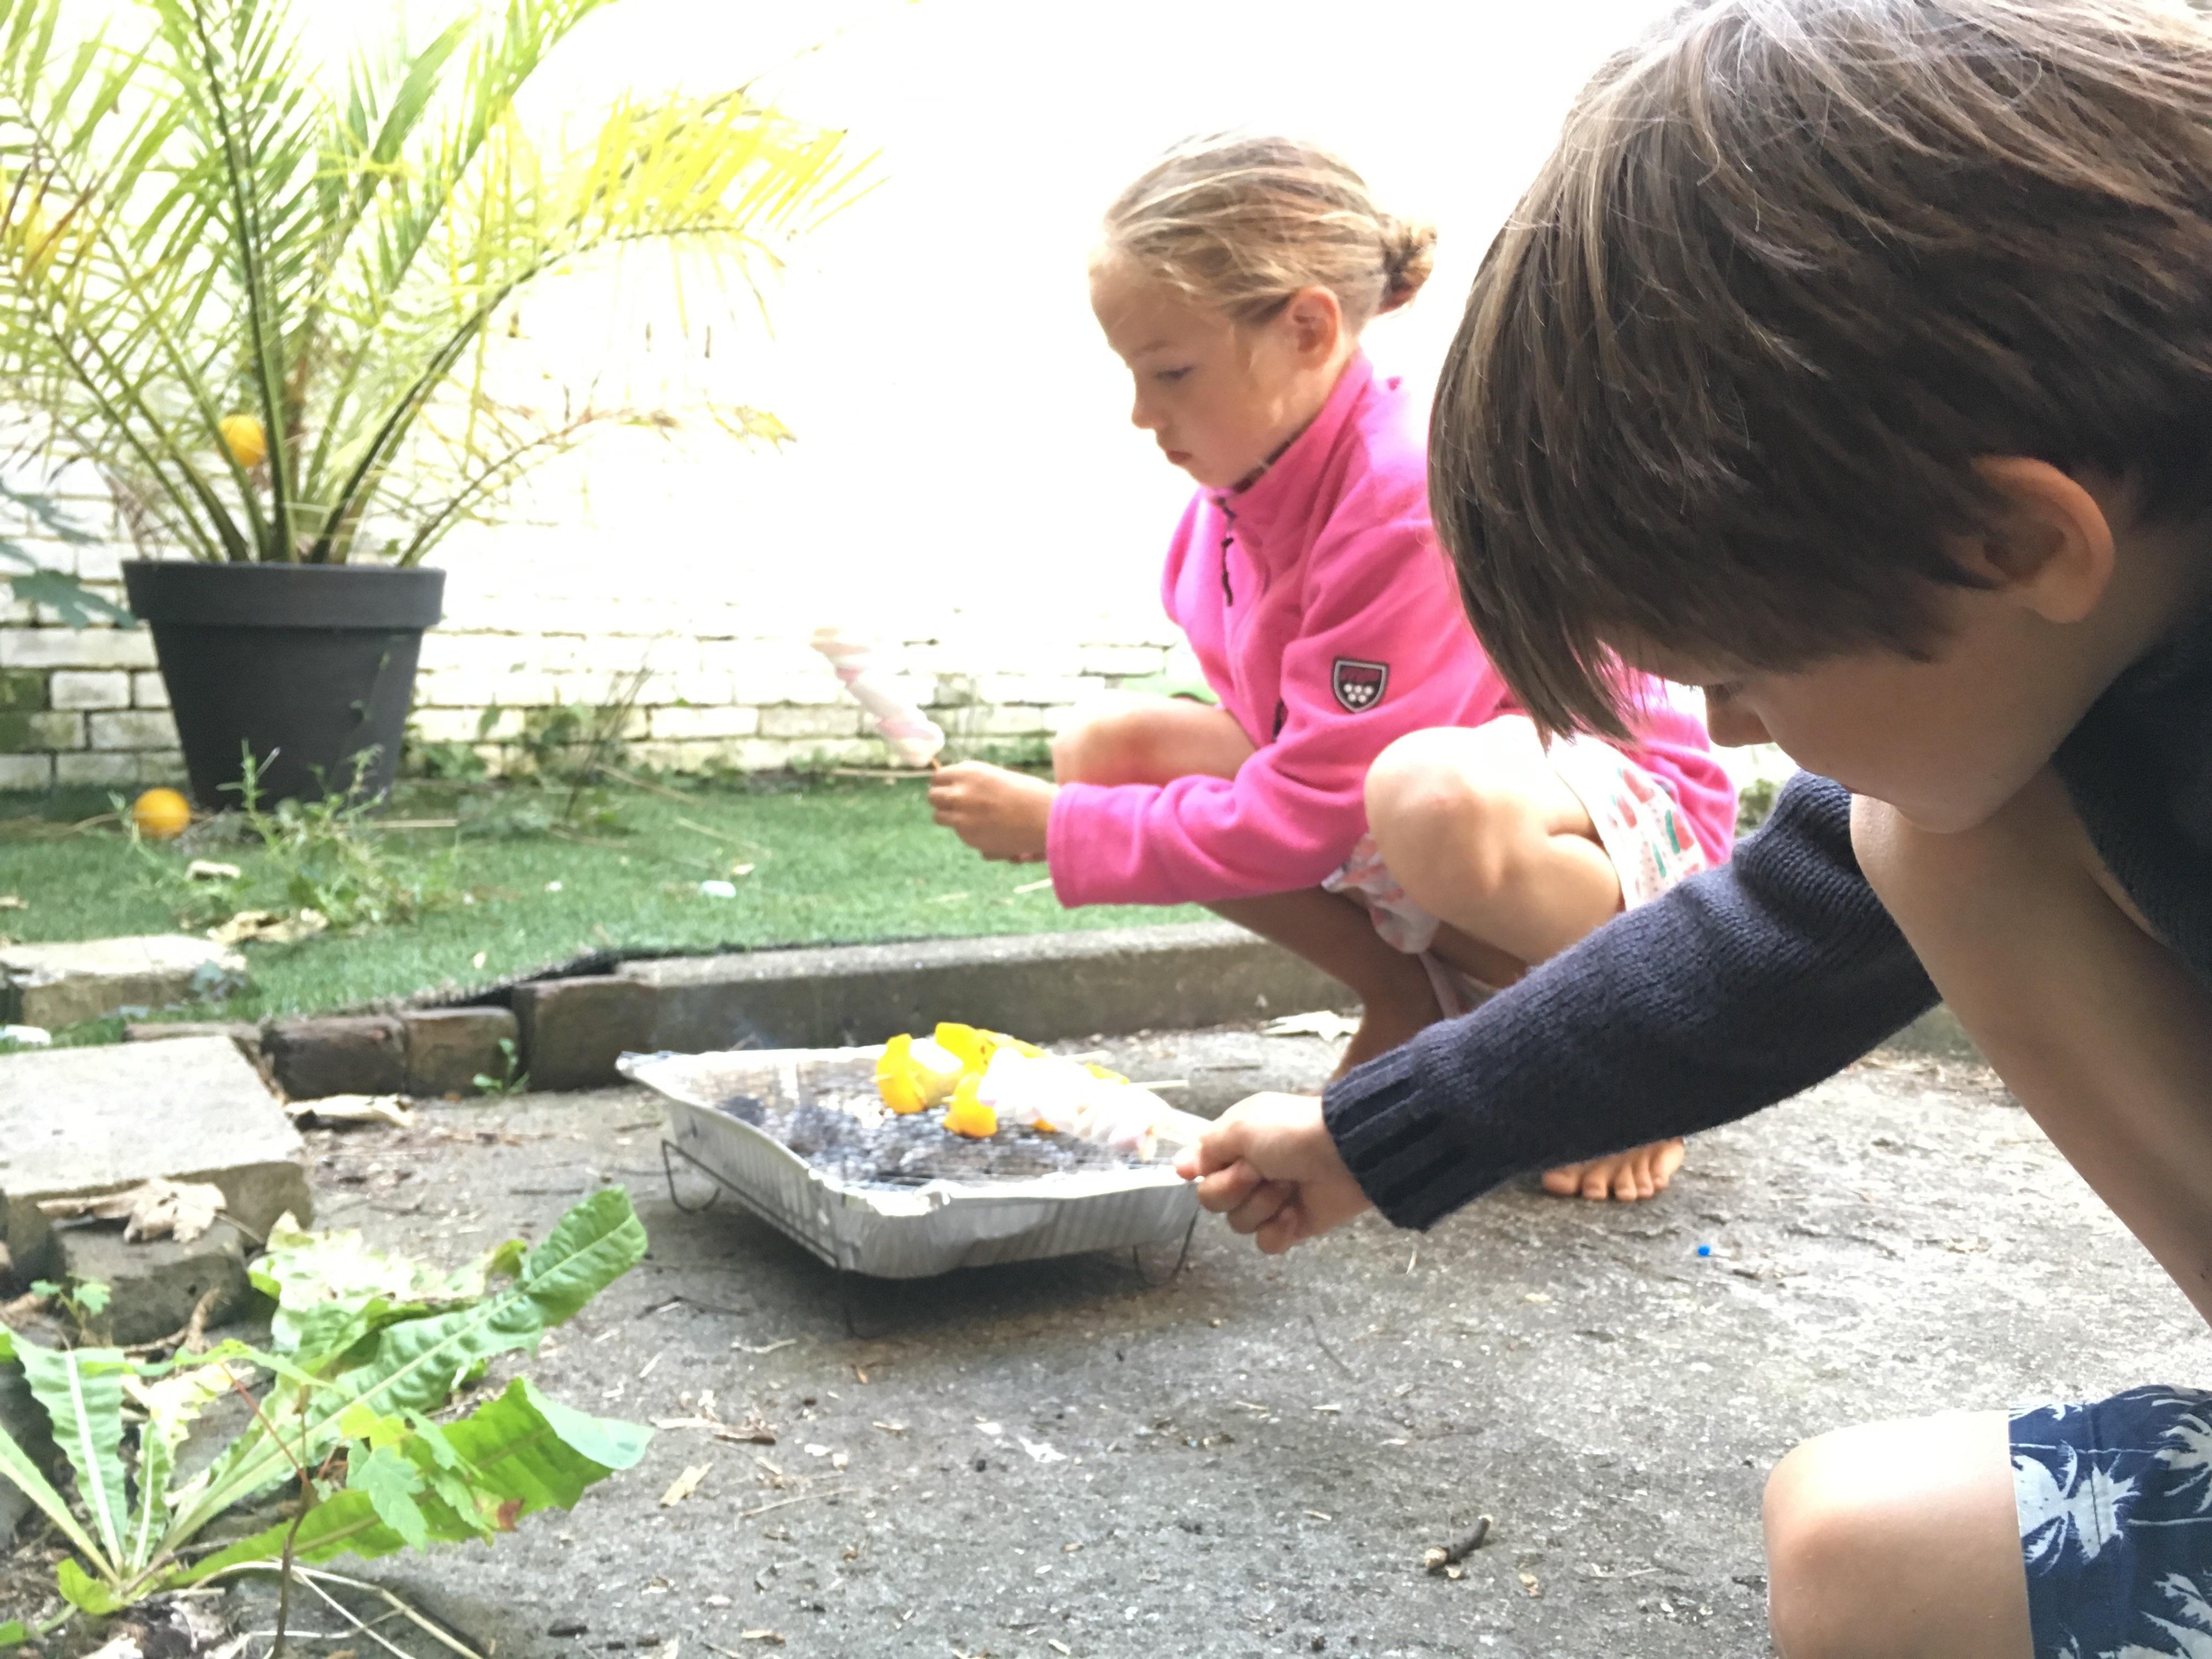 Barbecuen met de kinderen foto Denise